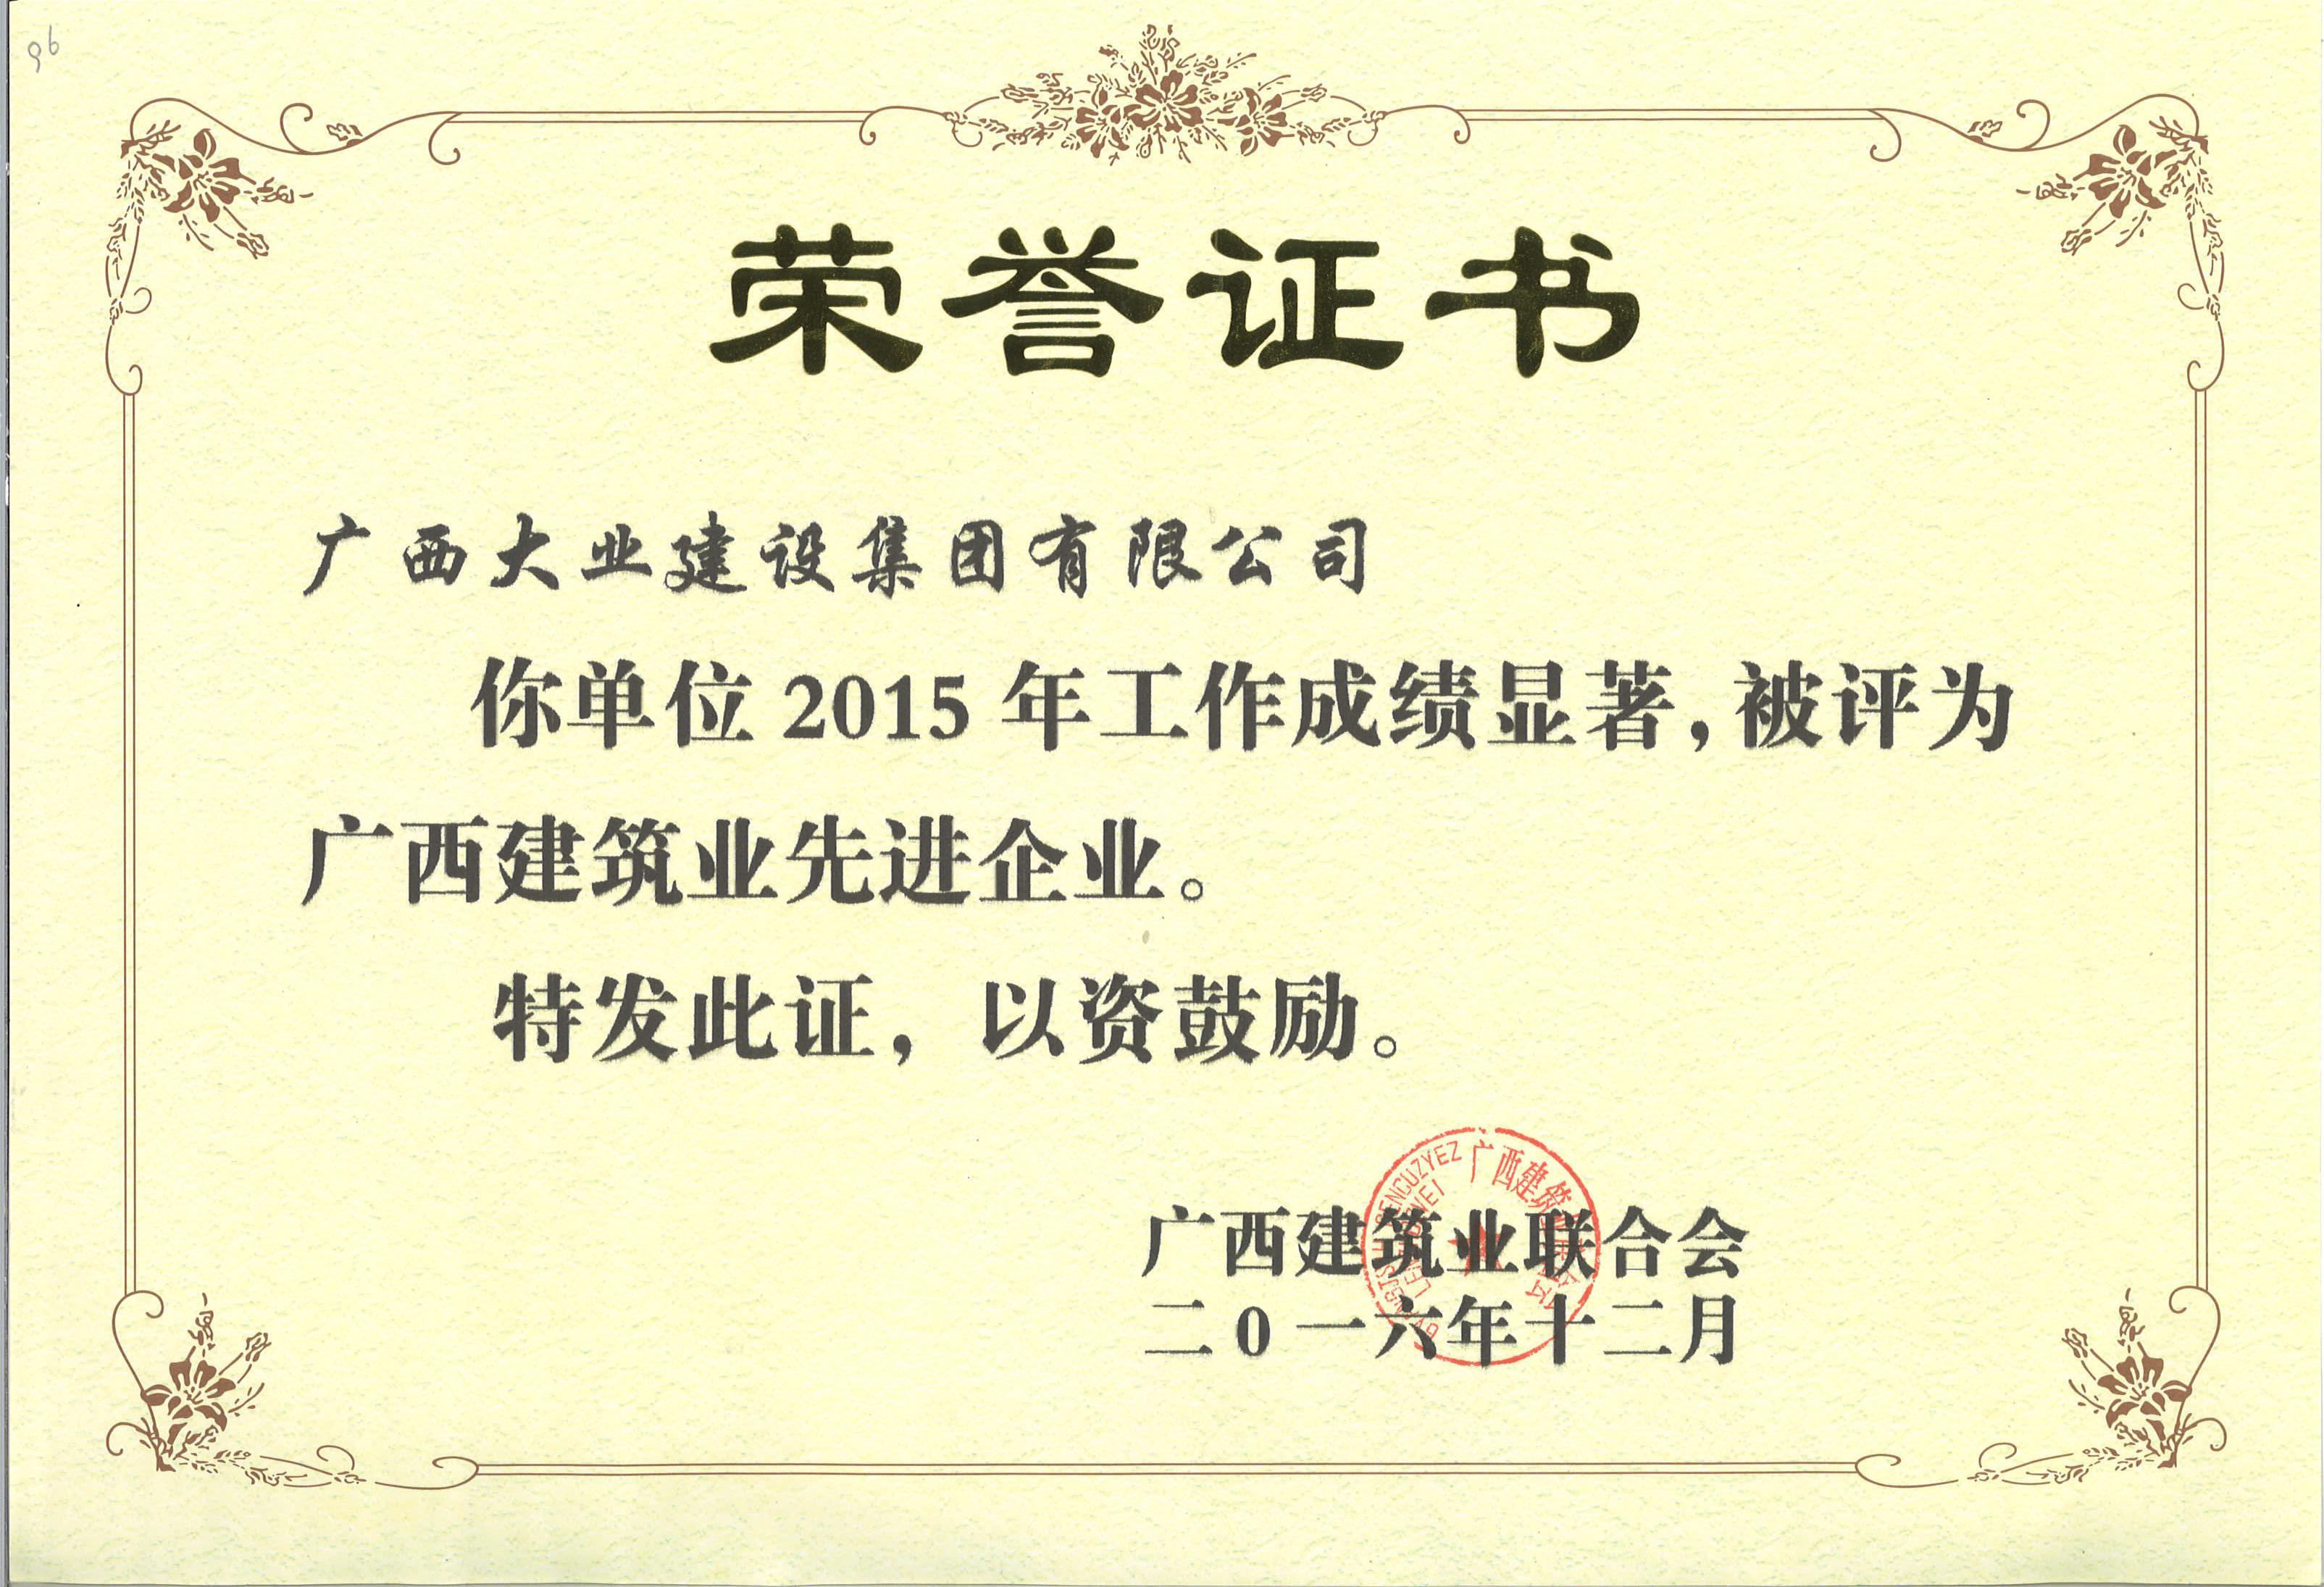 2015年广西建筑业先进企业